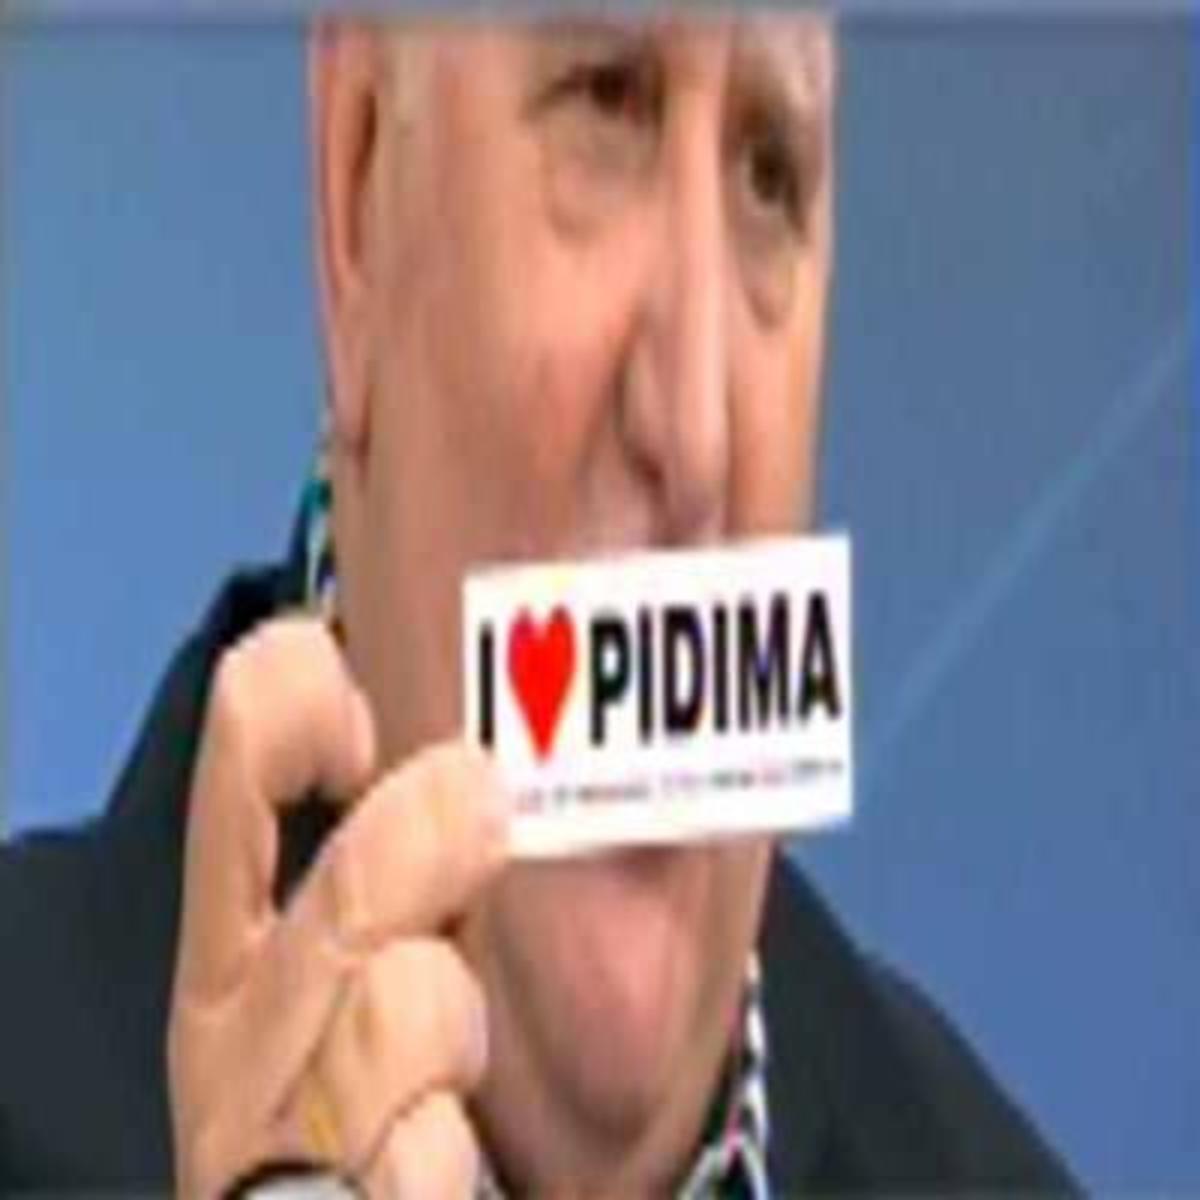 Tα νευρικά γέλια του Γιώργου Παπαδάκη για το Πήδημα! | Newsit.gr